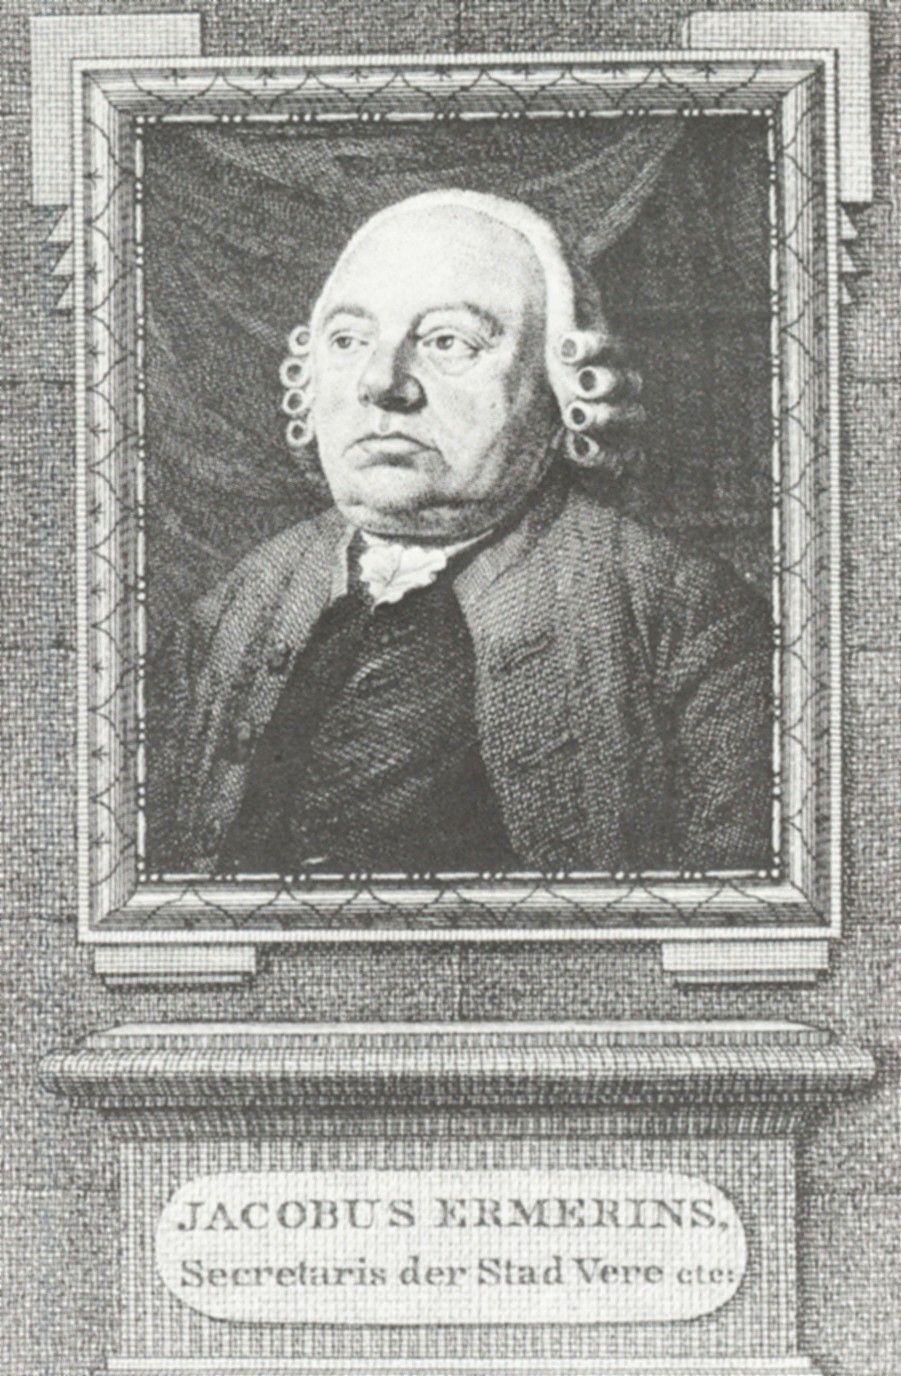 Portret van Jacobus Ermerins. Kopergravure door R. Vinkeles, 1797